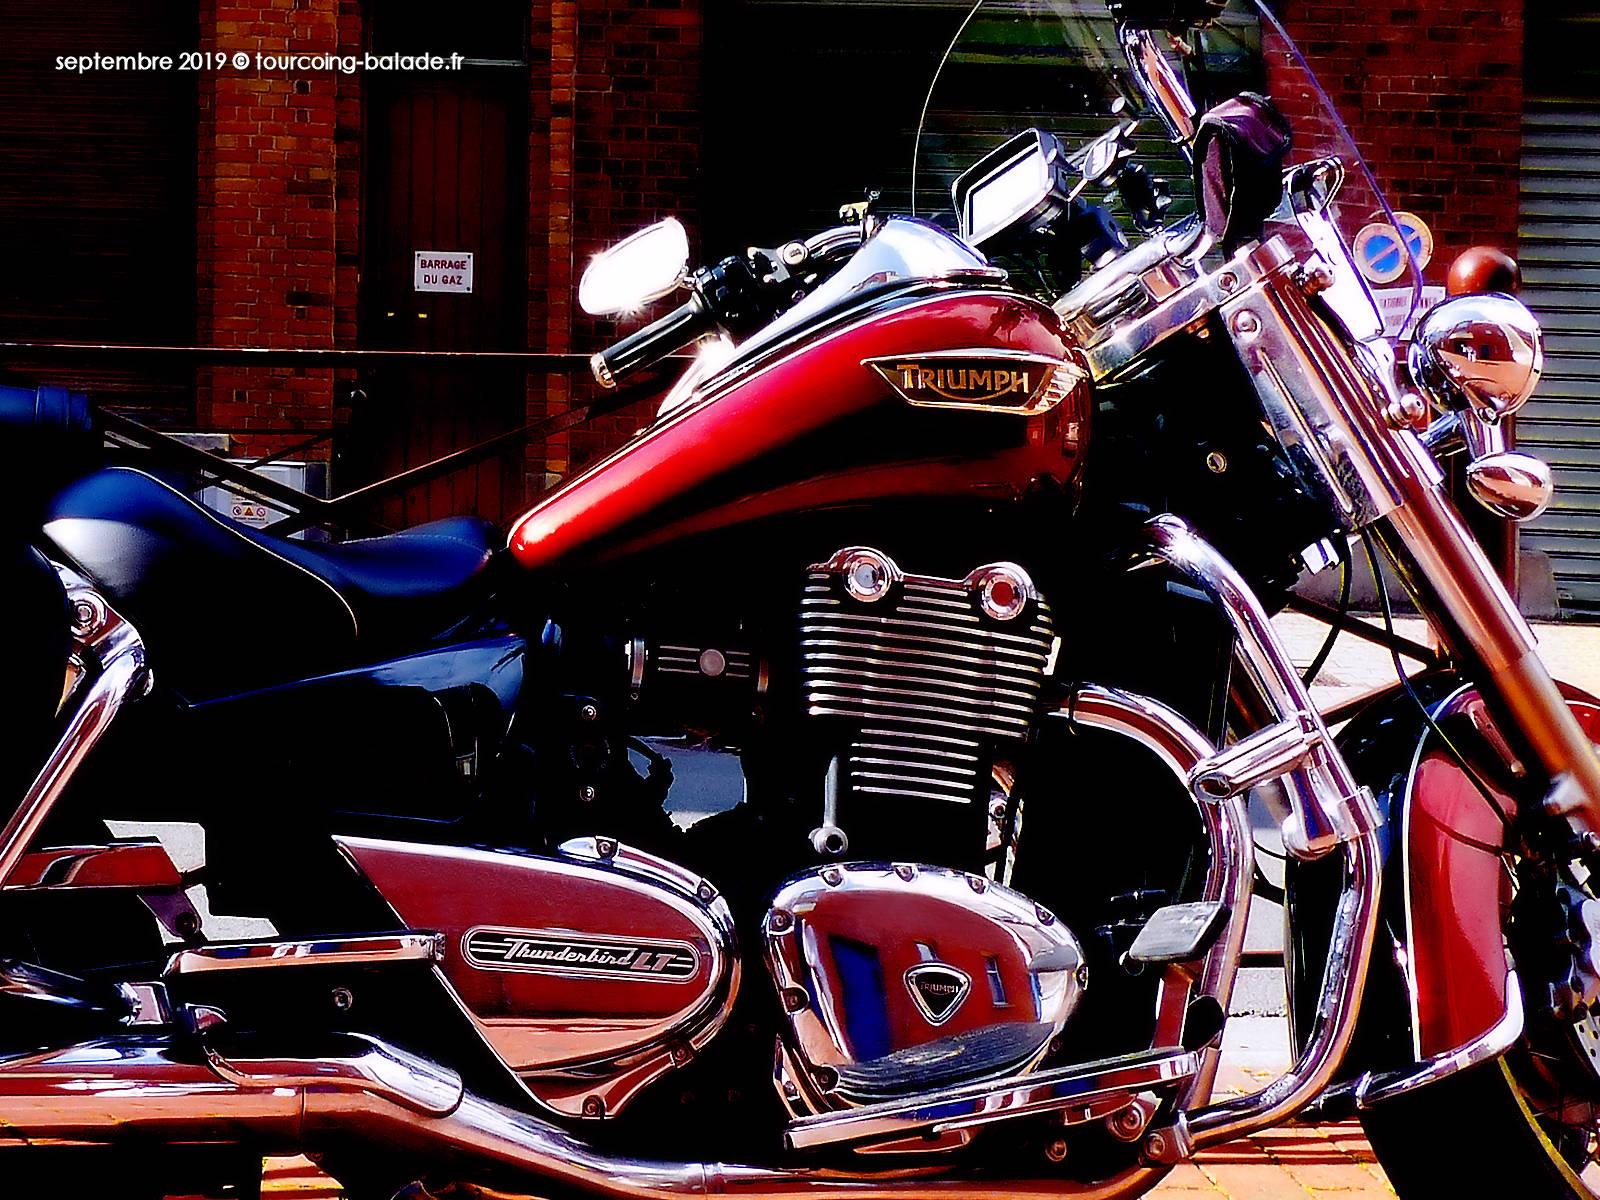 Motos dans Tourcoing